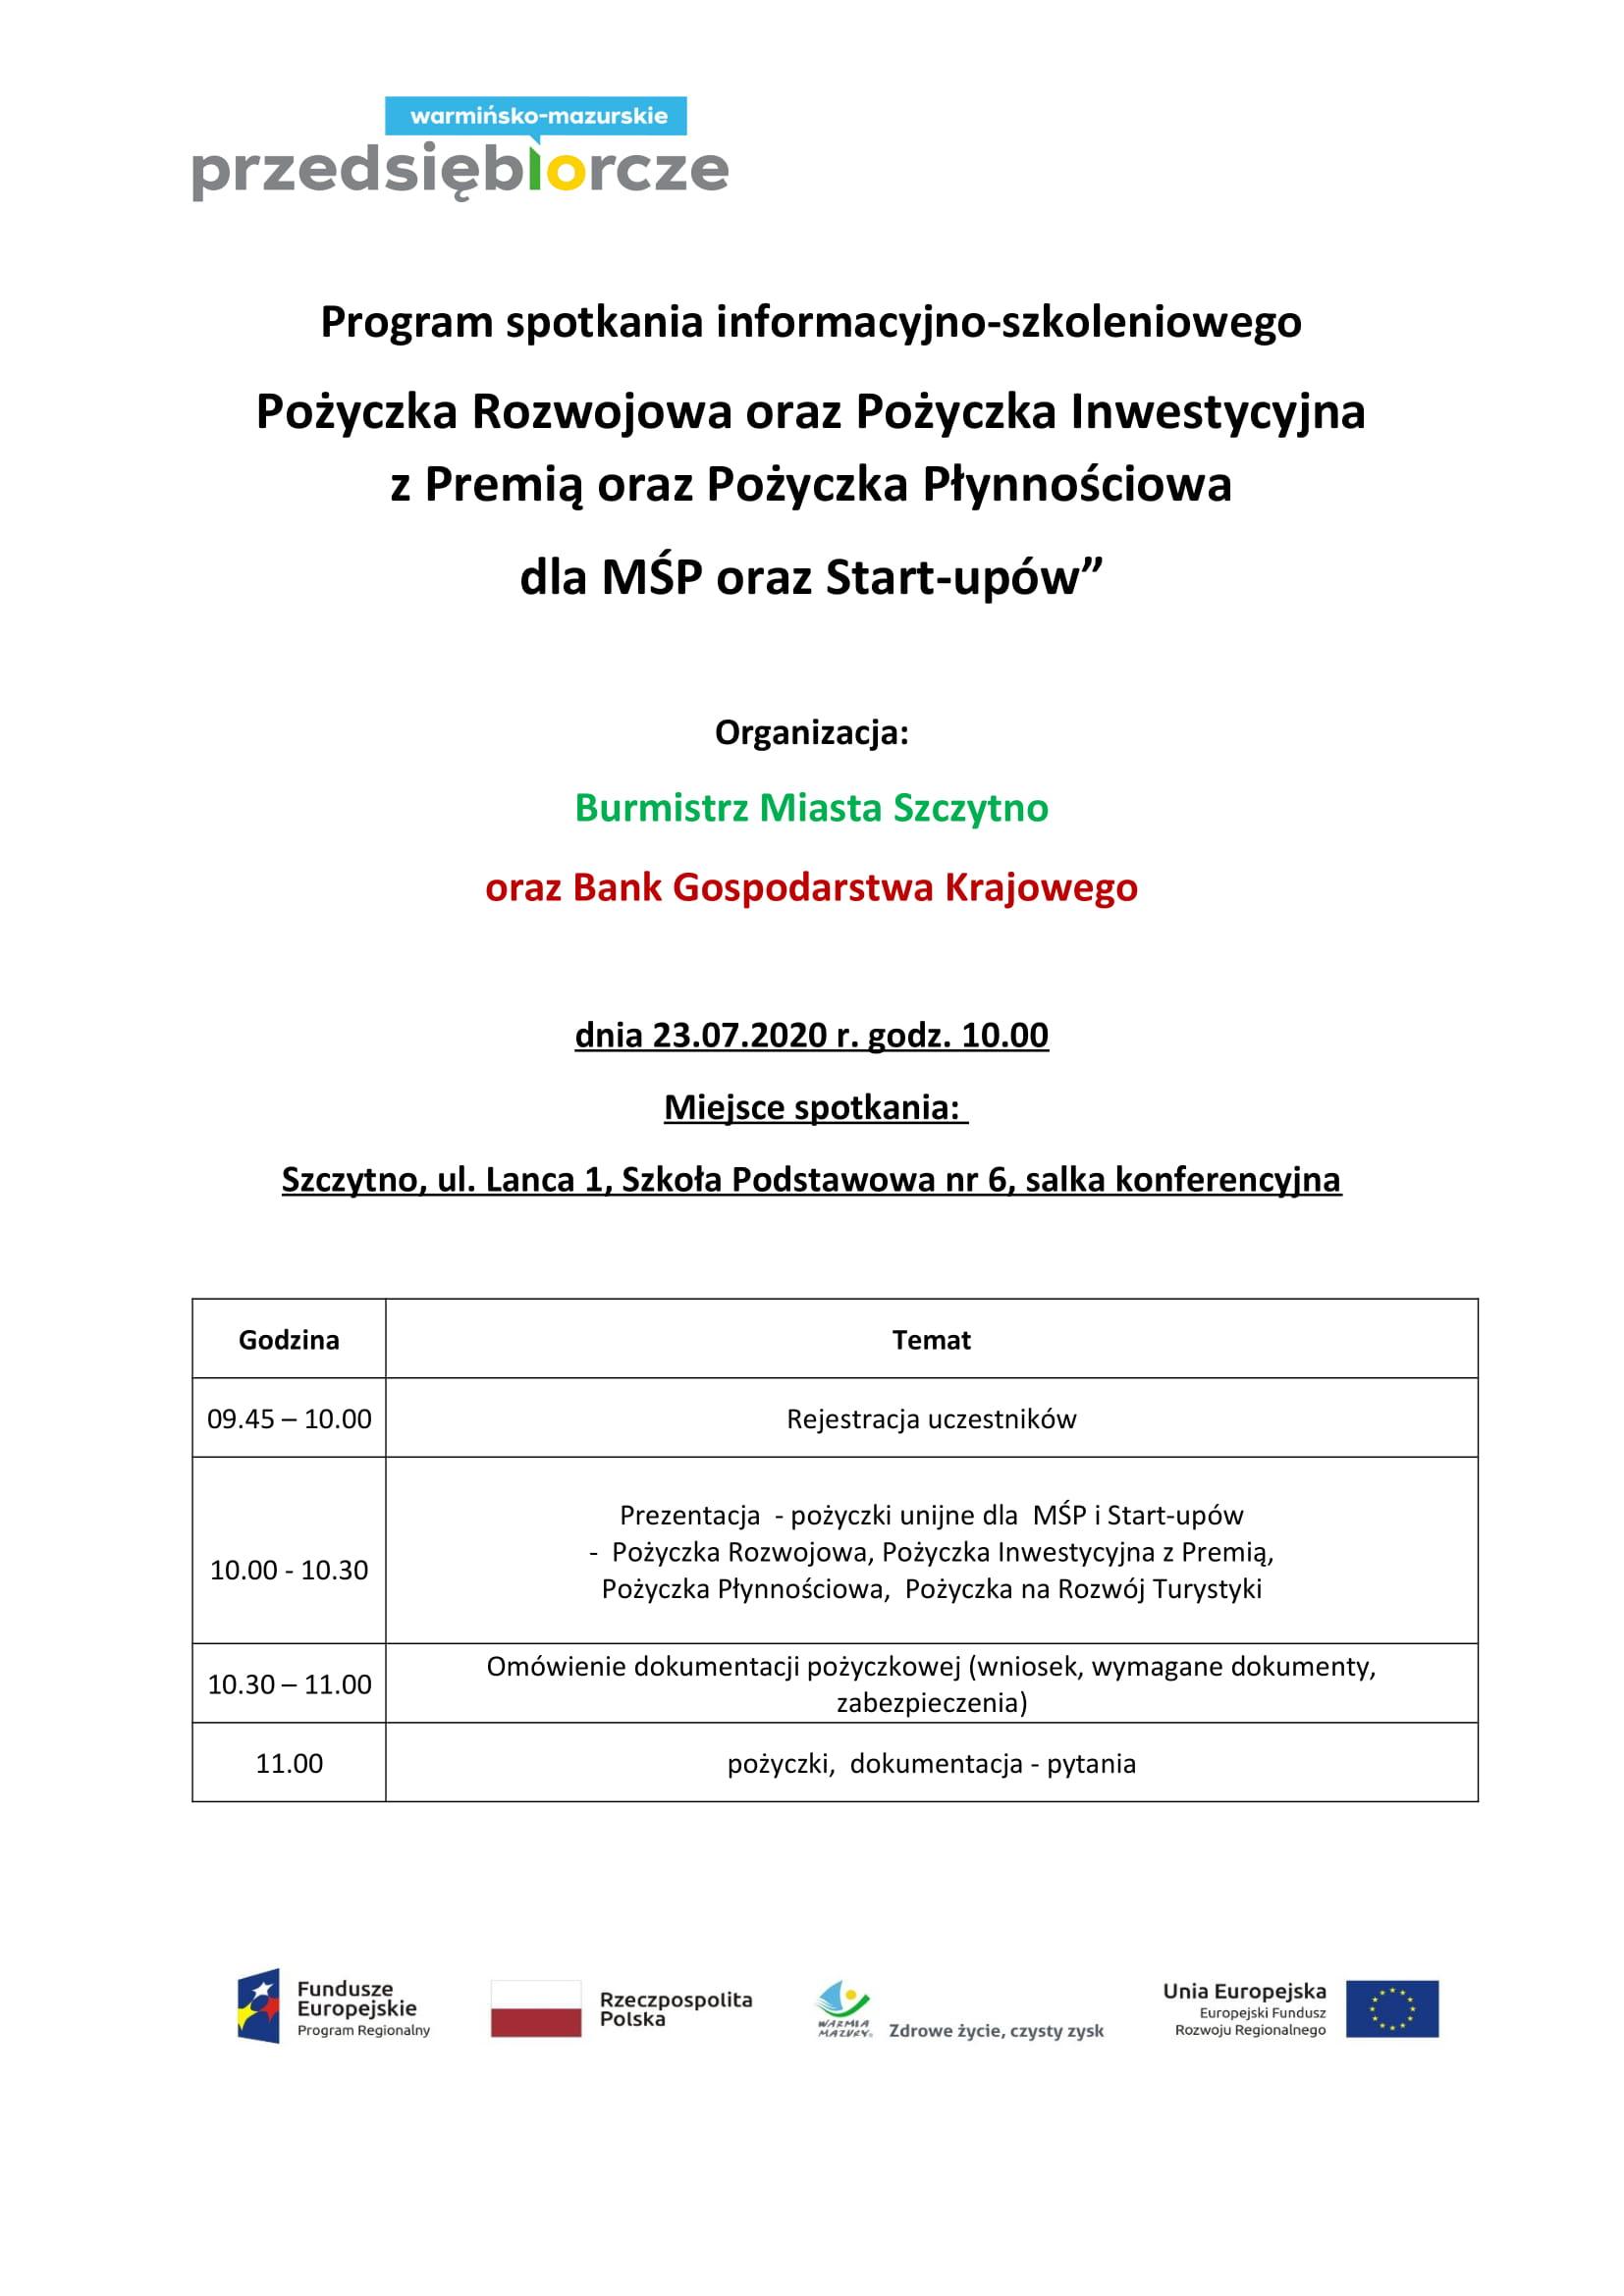 https://m.powiatszczycienski.pl/2020/07/orig/program-spotkania-informacyjno-szkoleniowego-um-szczytno-23-07-2020-r-godz-10-00-003-3-1-33303.jpg